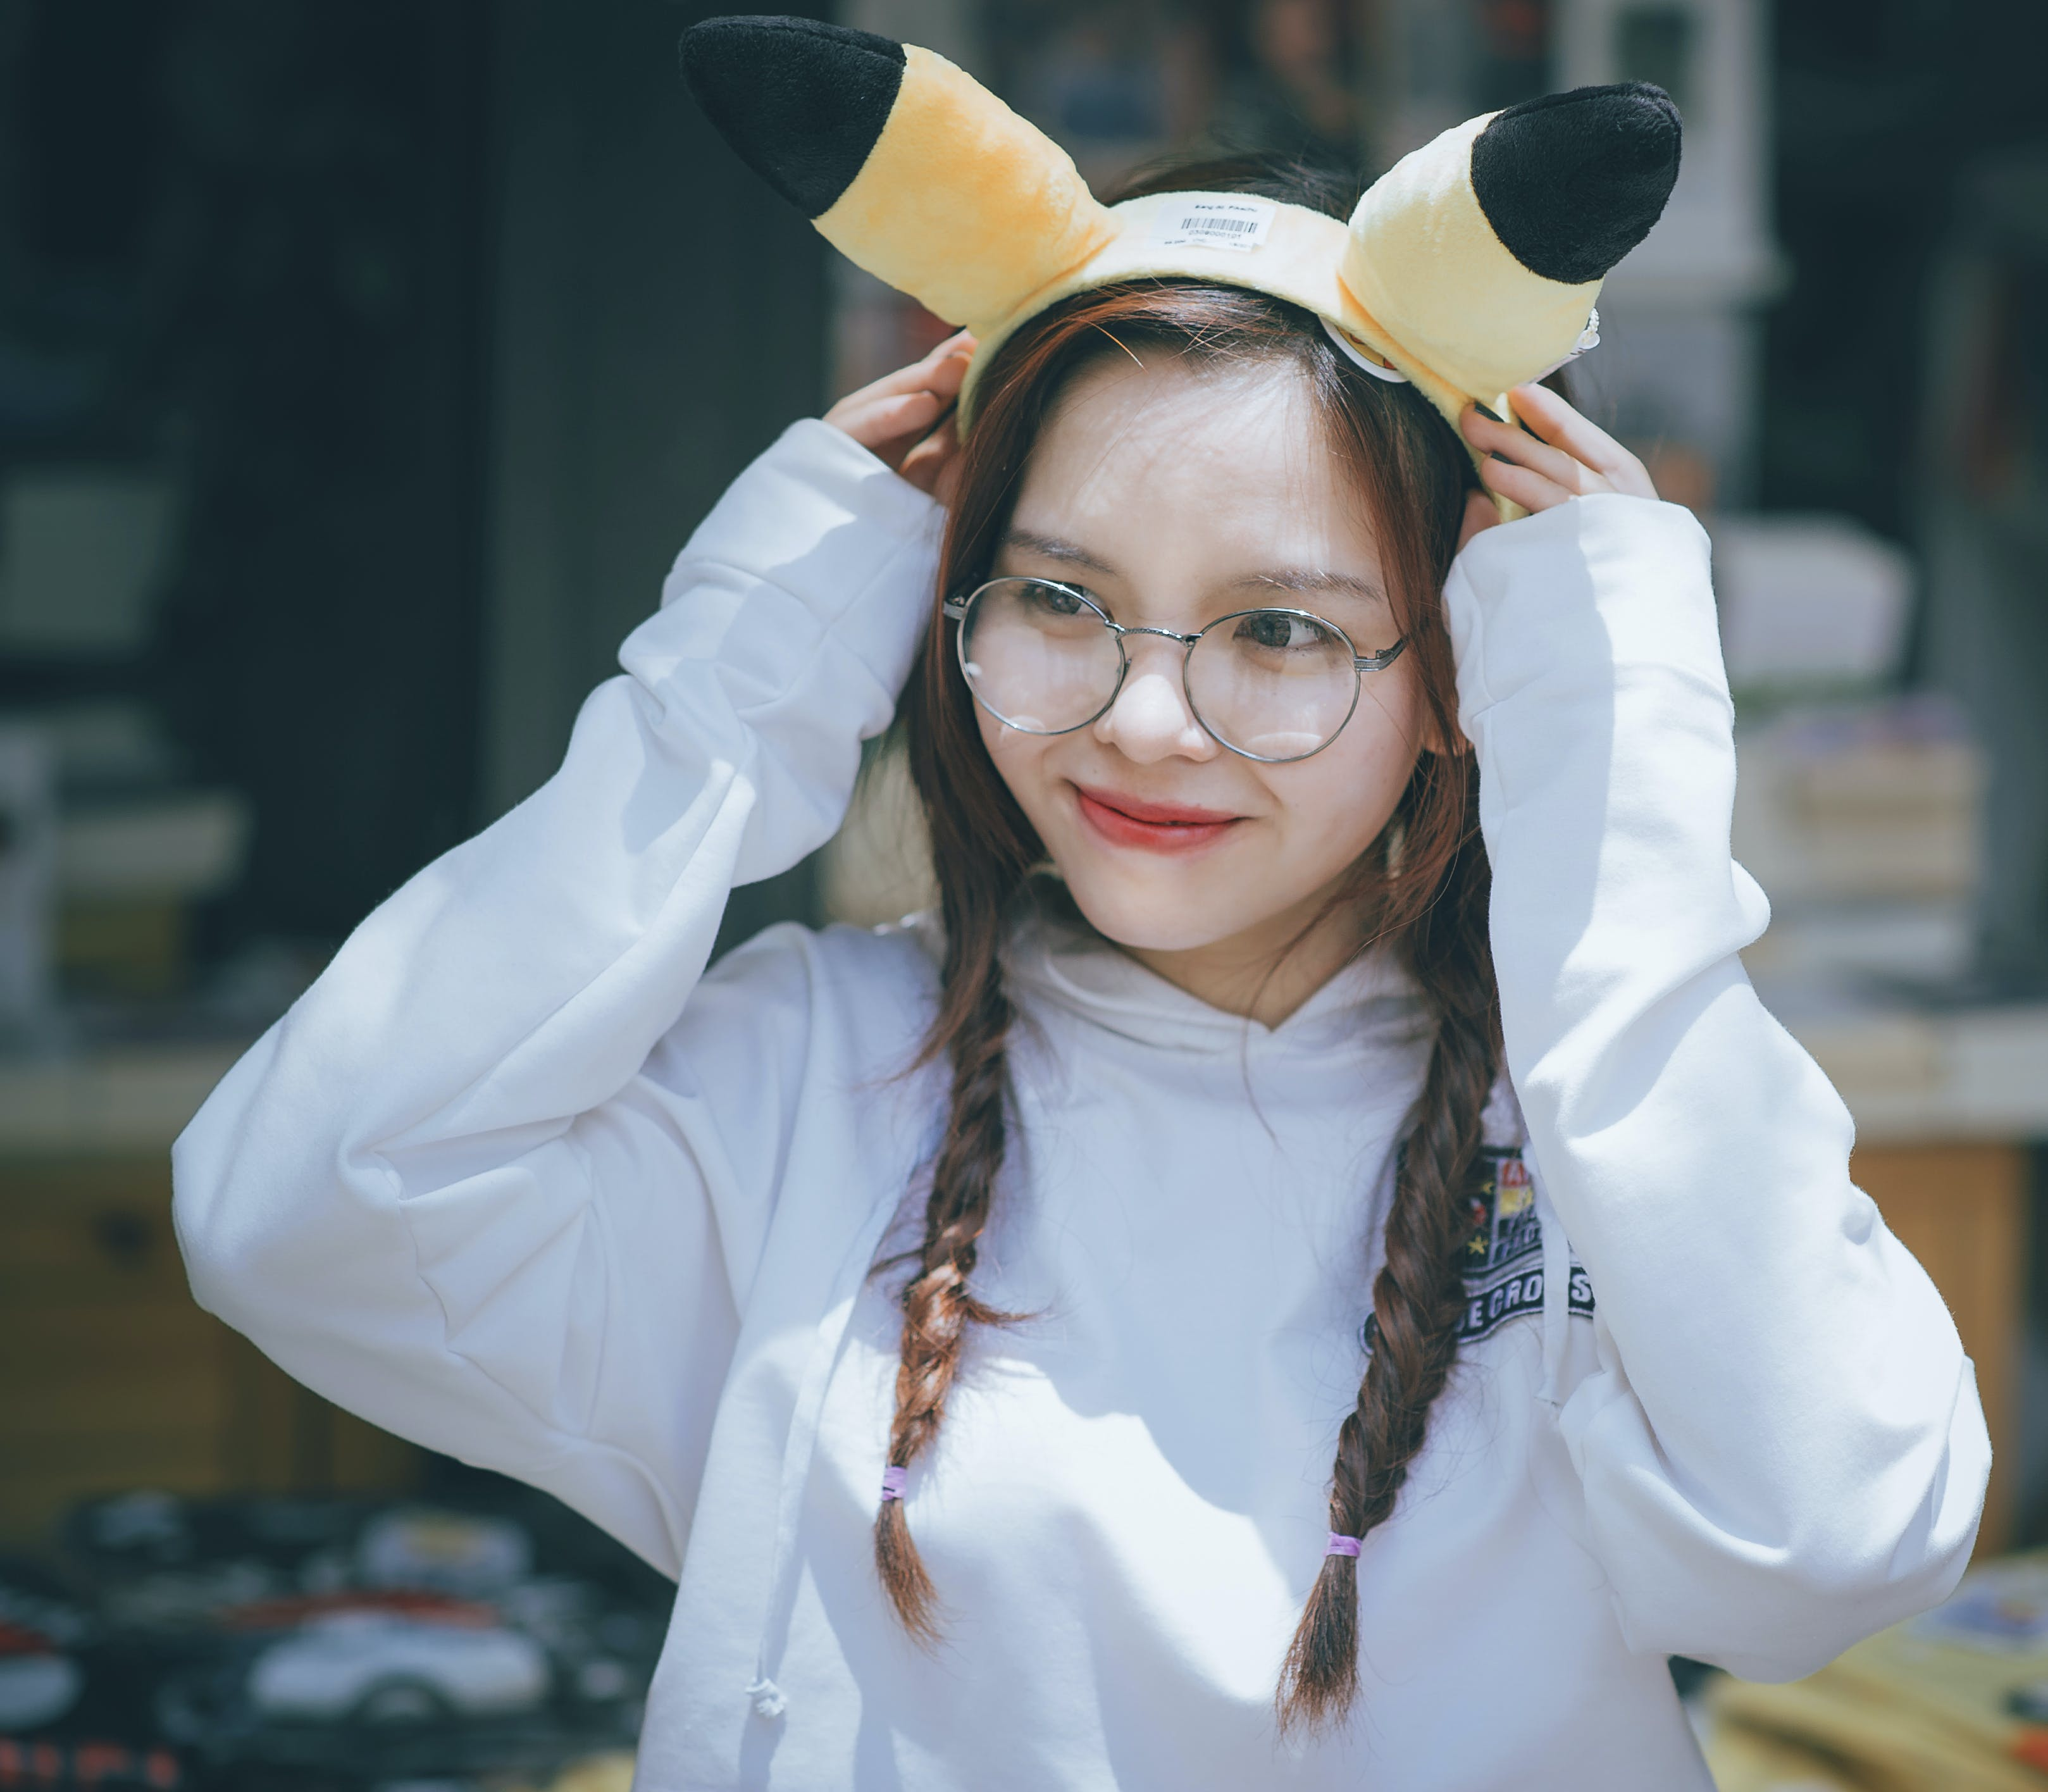 Woman Wearing Pikachu Alice Band